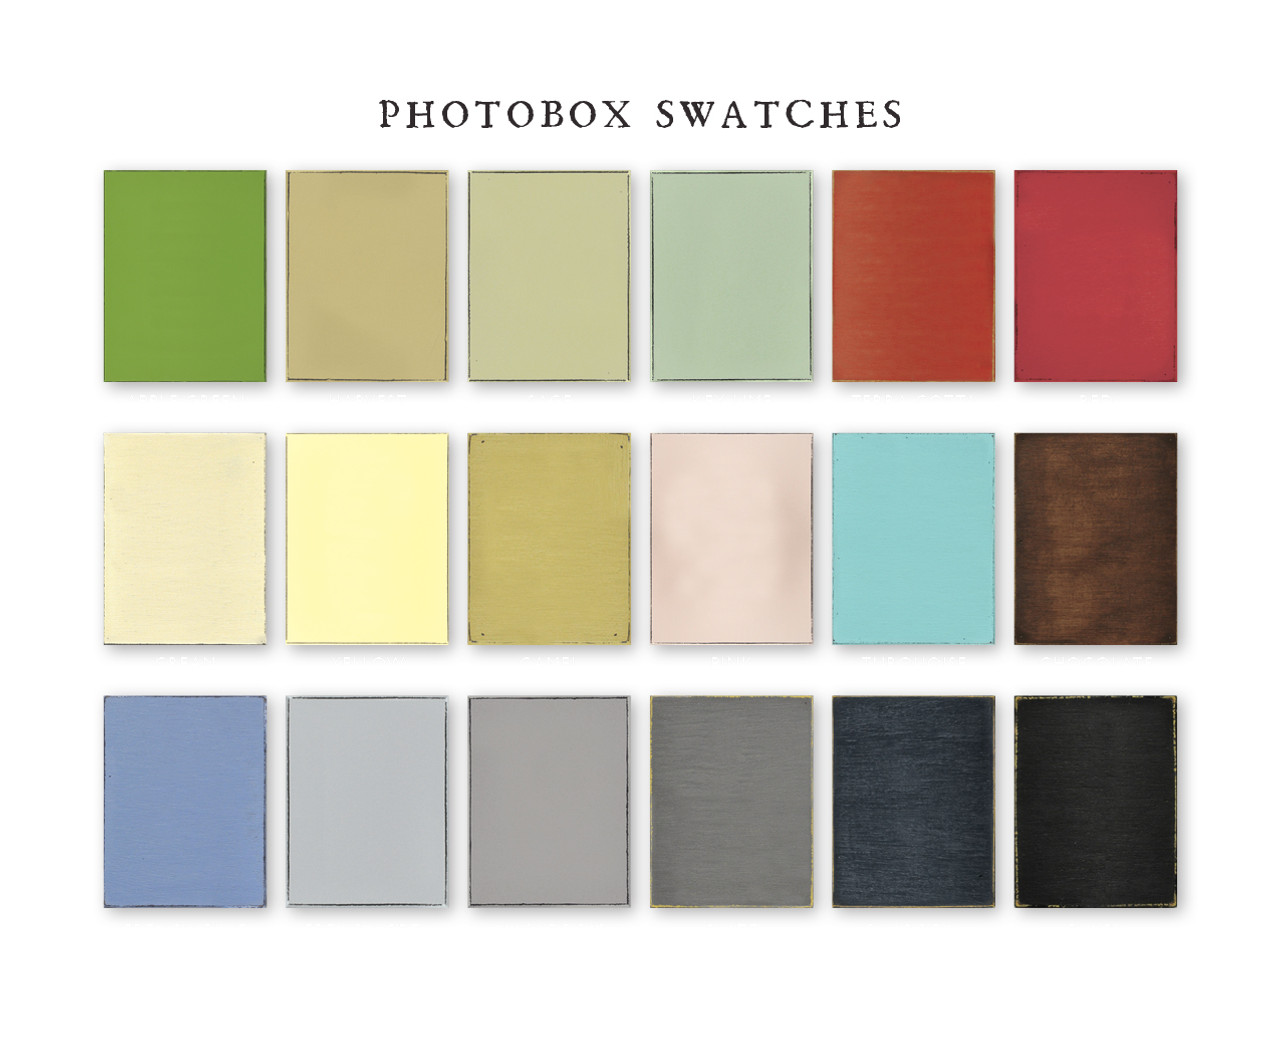 Photobox swatches